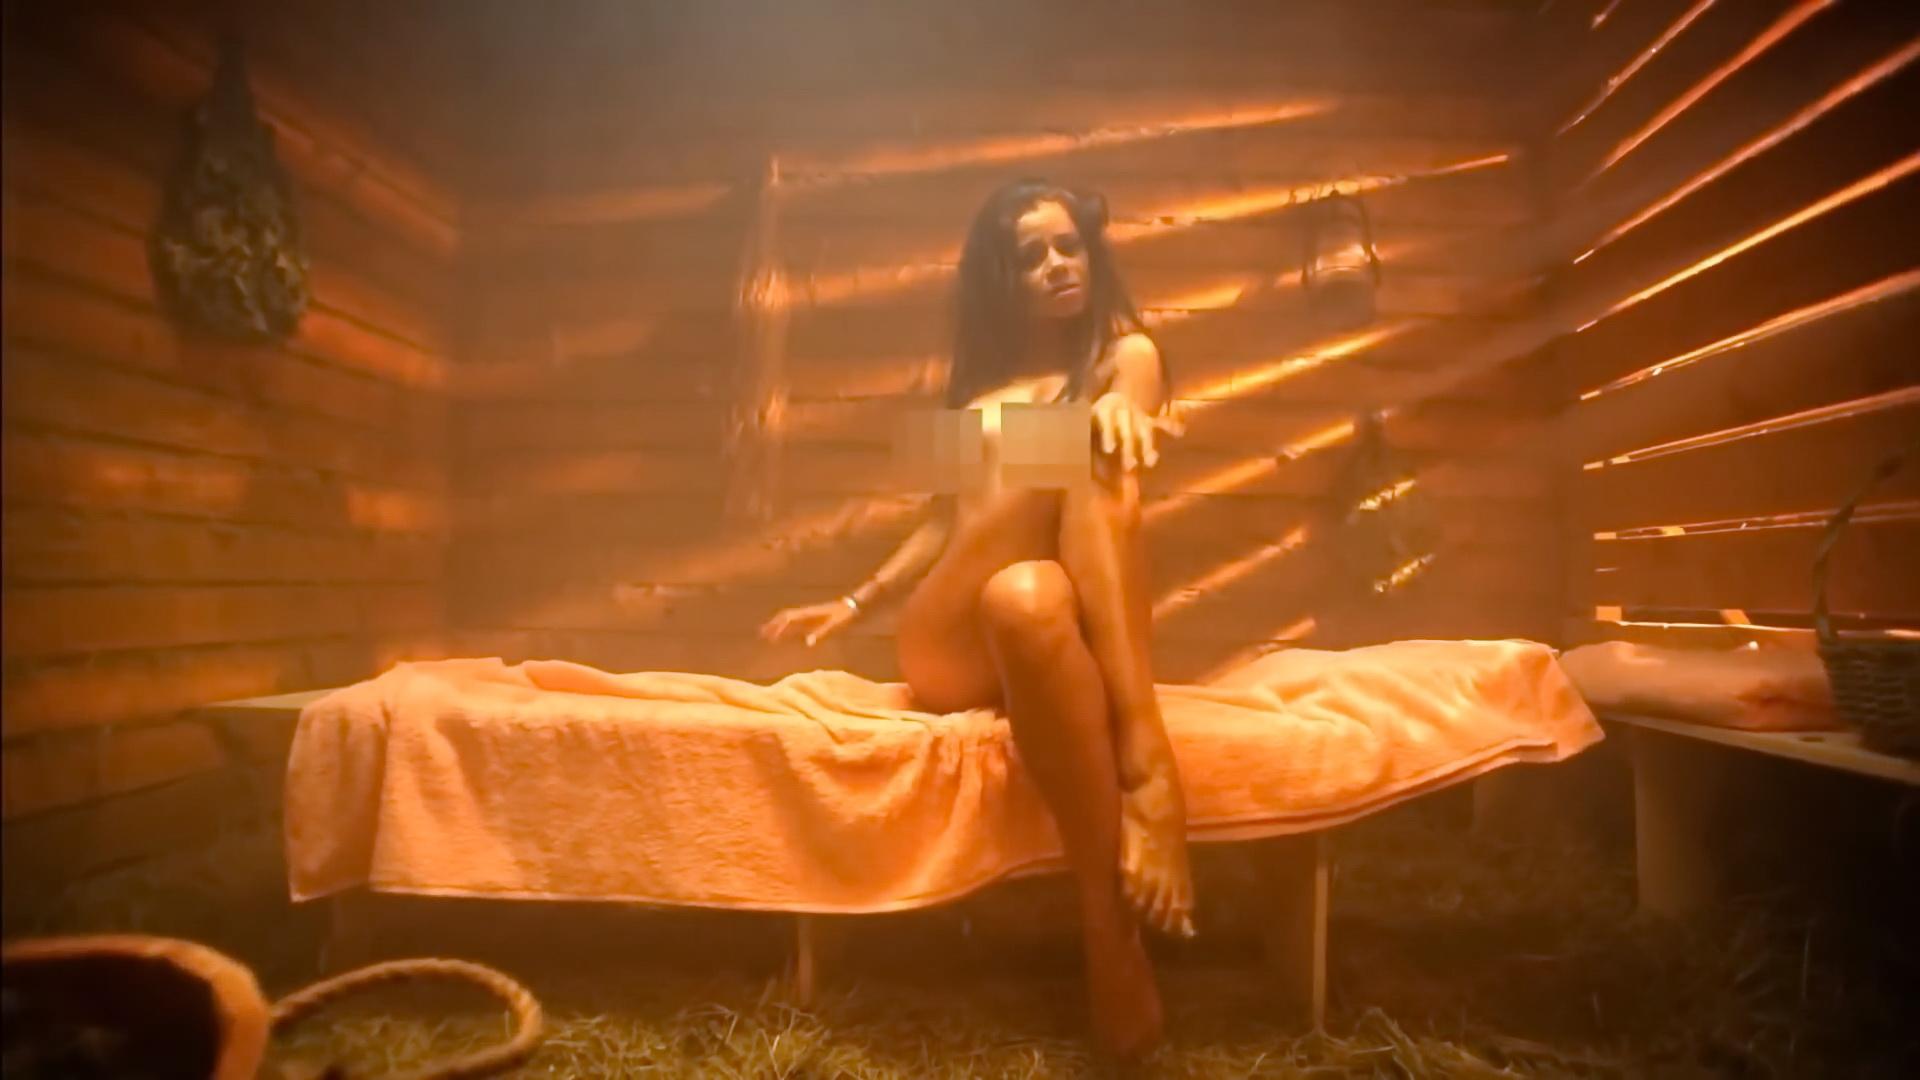 Эротические музыкальные клипы hd смотреть 15 фотография